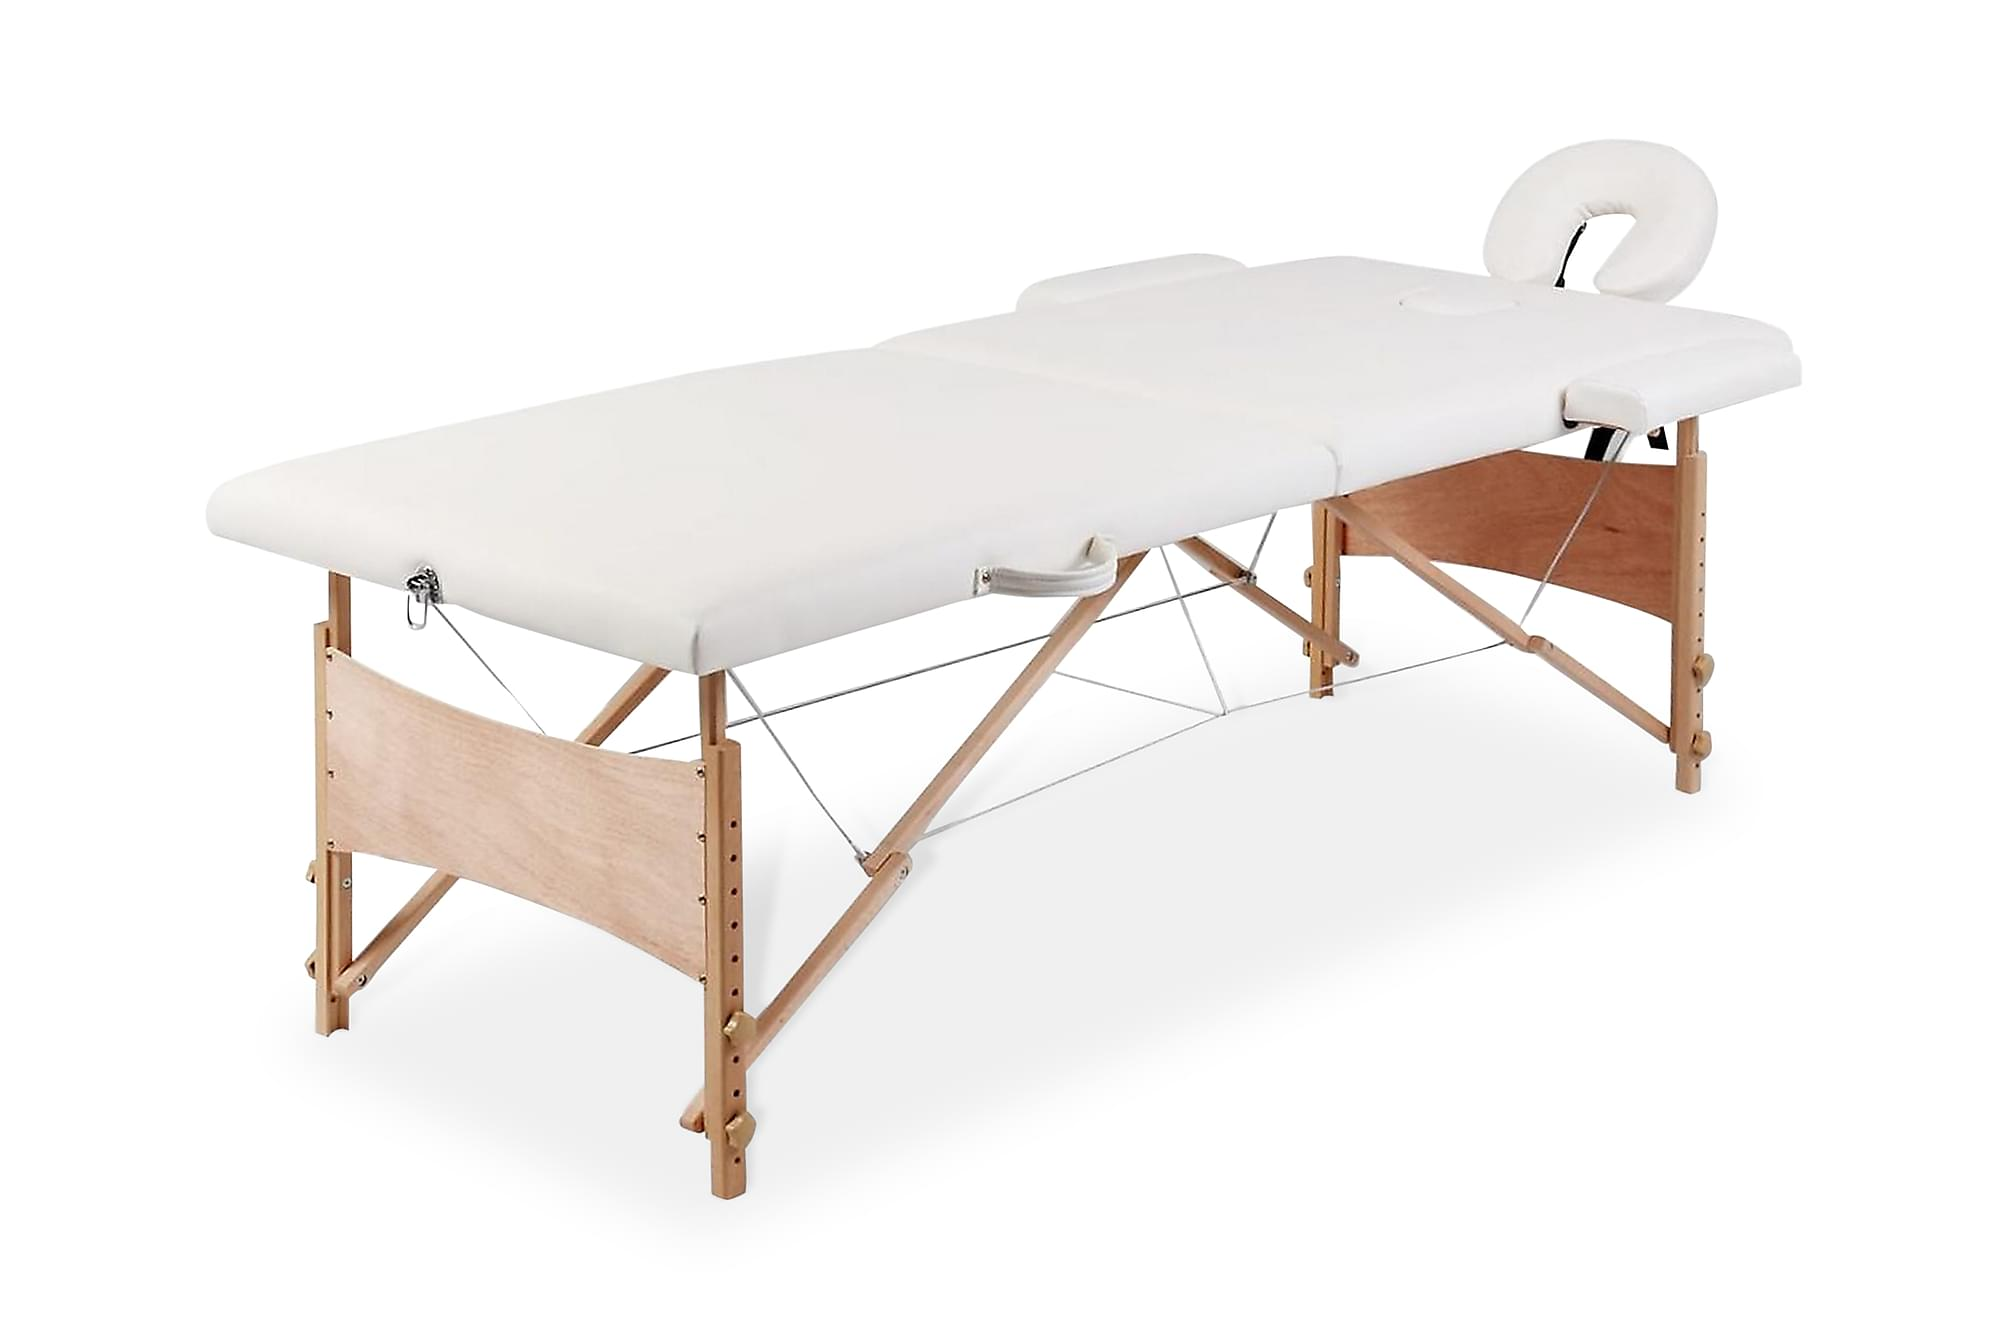 Hopfällbar massagebänk med 2 sektioner träram gräddvit